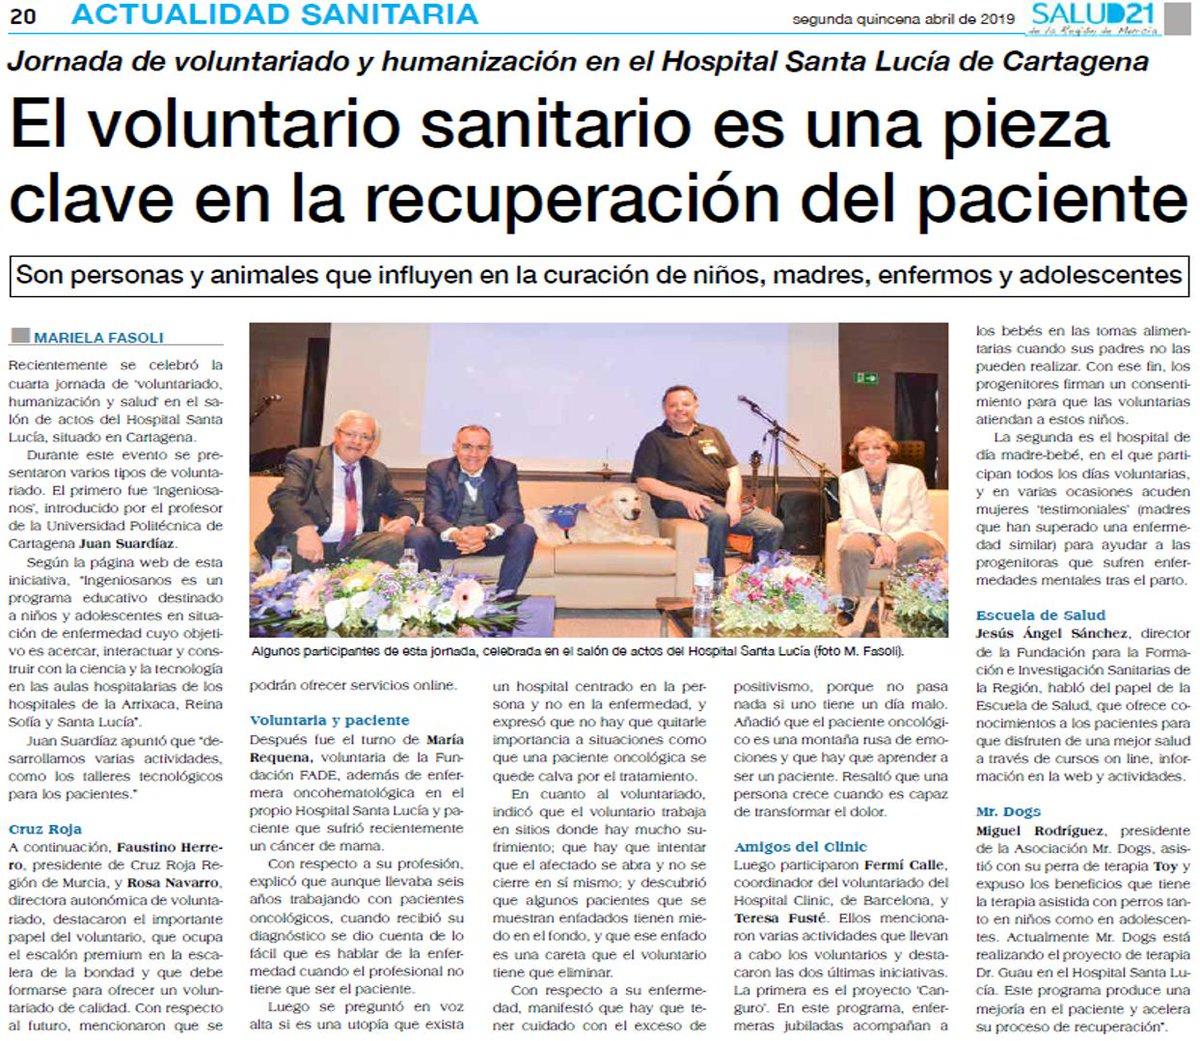 Jornada de #voluntariado y #humanización en el Santa Lucía. El #voluntario #sanitario, #piezaclave en la #recuperación del #paciente. http://www.salud21murcia.es/sites/default/files/258%20COMPLETO%20baja_0.pdf… pág. 20 @Area2Cartagena @FFIS_CARM @UPCTnoticias @hospitalclinic @CruzRojaMurcia @AreaUnoArrixaca @Area7ReinaSofia